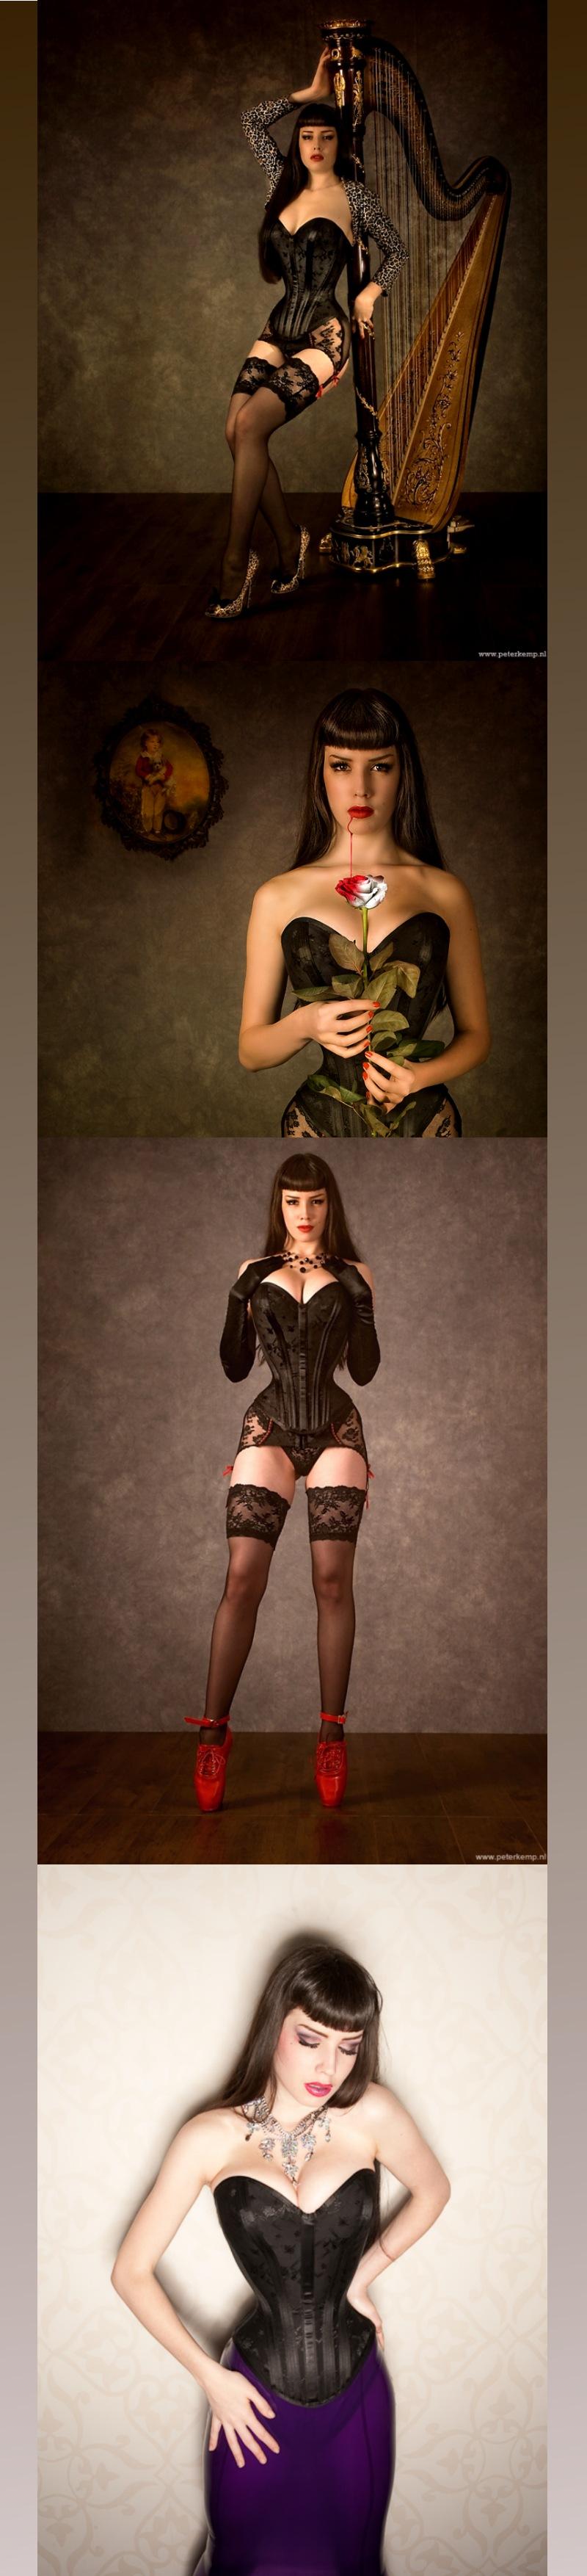 Feb 24, 2010 pictures: Peter Kemp (last phoebuz), corset BizarreDesign Dena in 18 inch